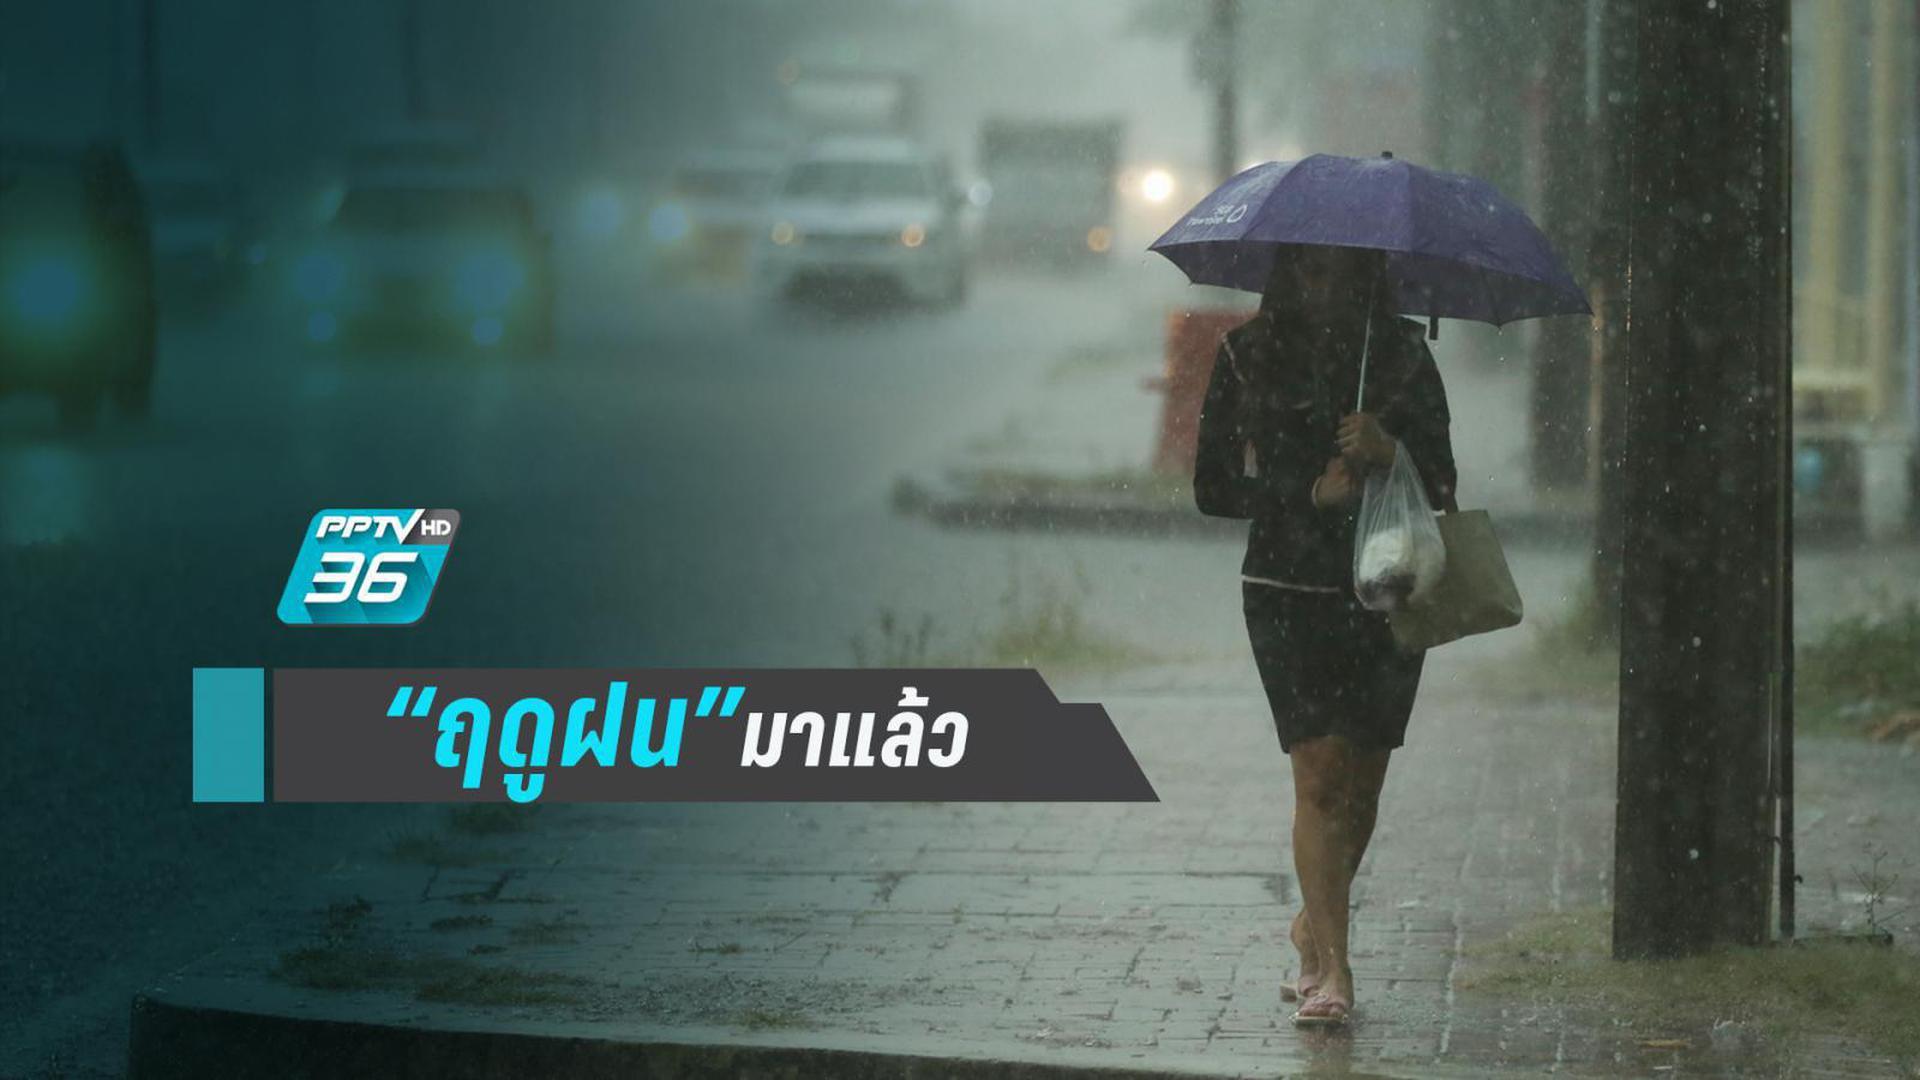 กรมอุตุฯ ประกาศ เข้าสู่ฤดูฝนอย่างเป็นทางการ 20 พ.ค. นี้